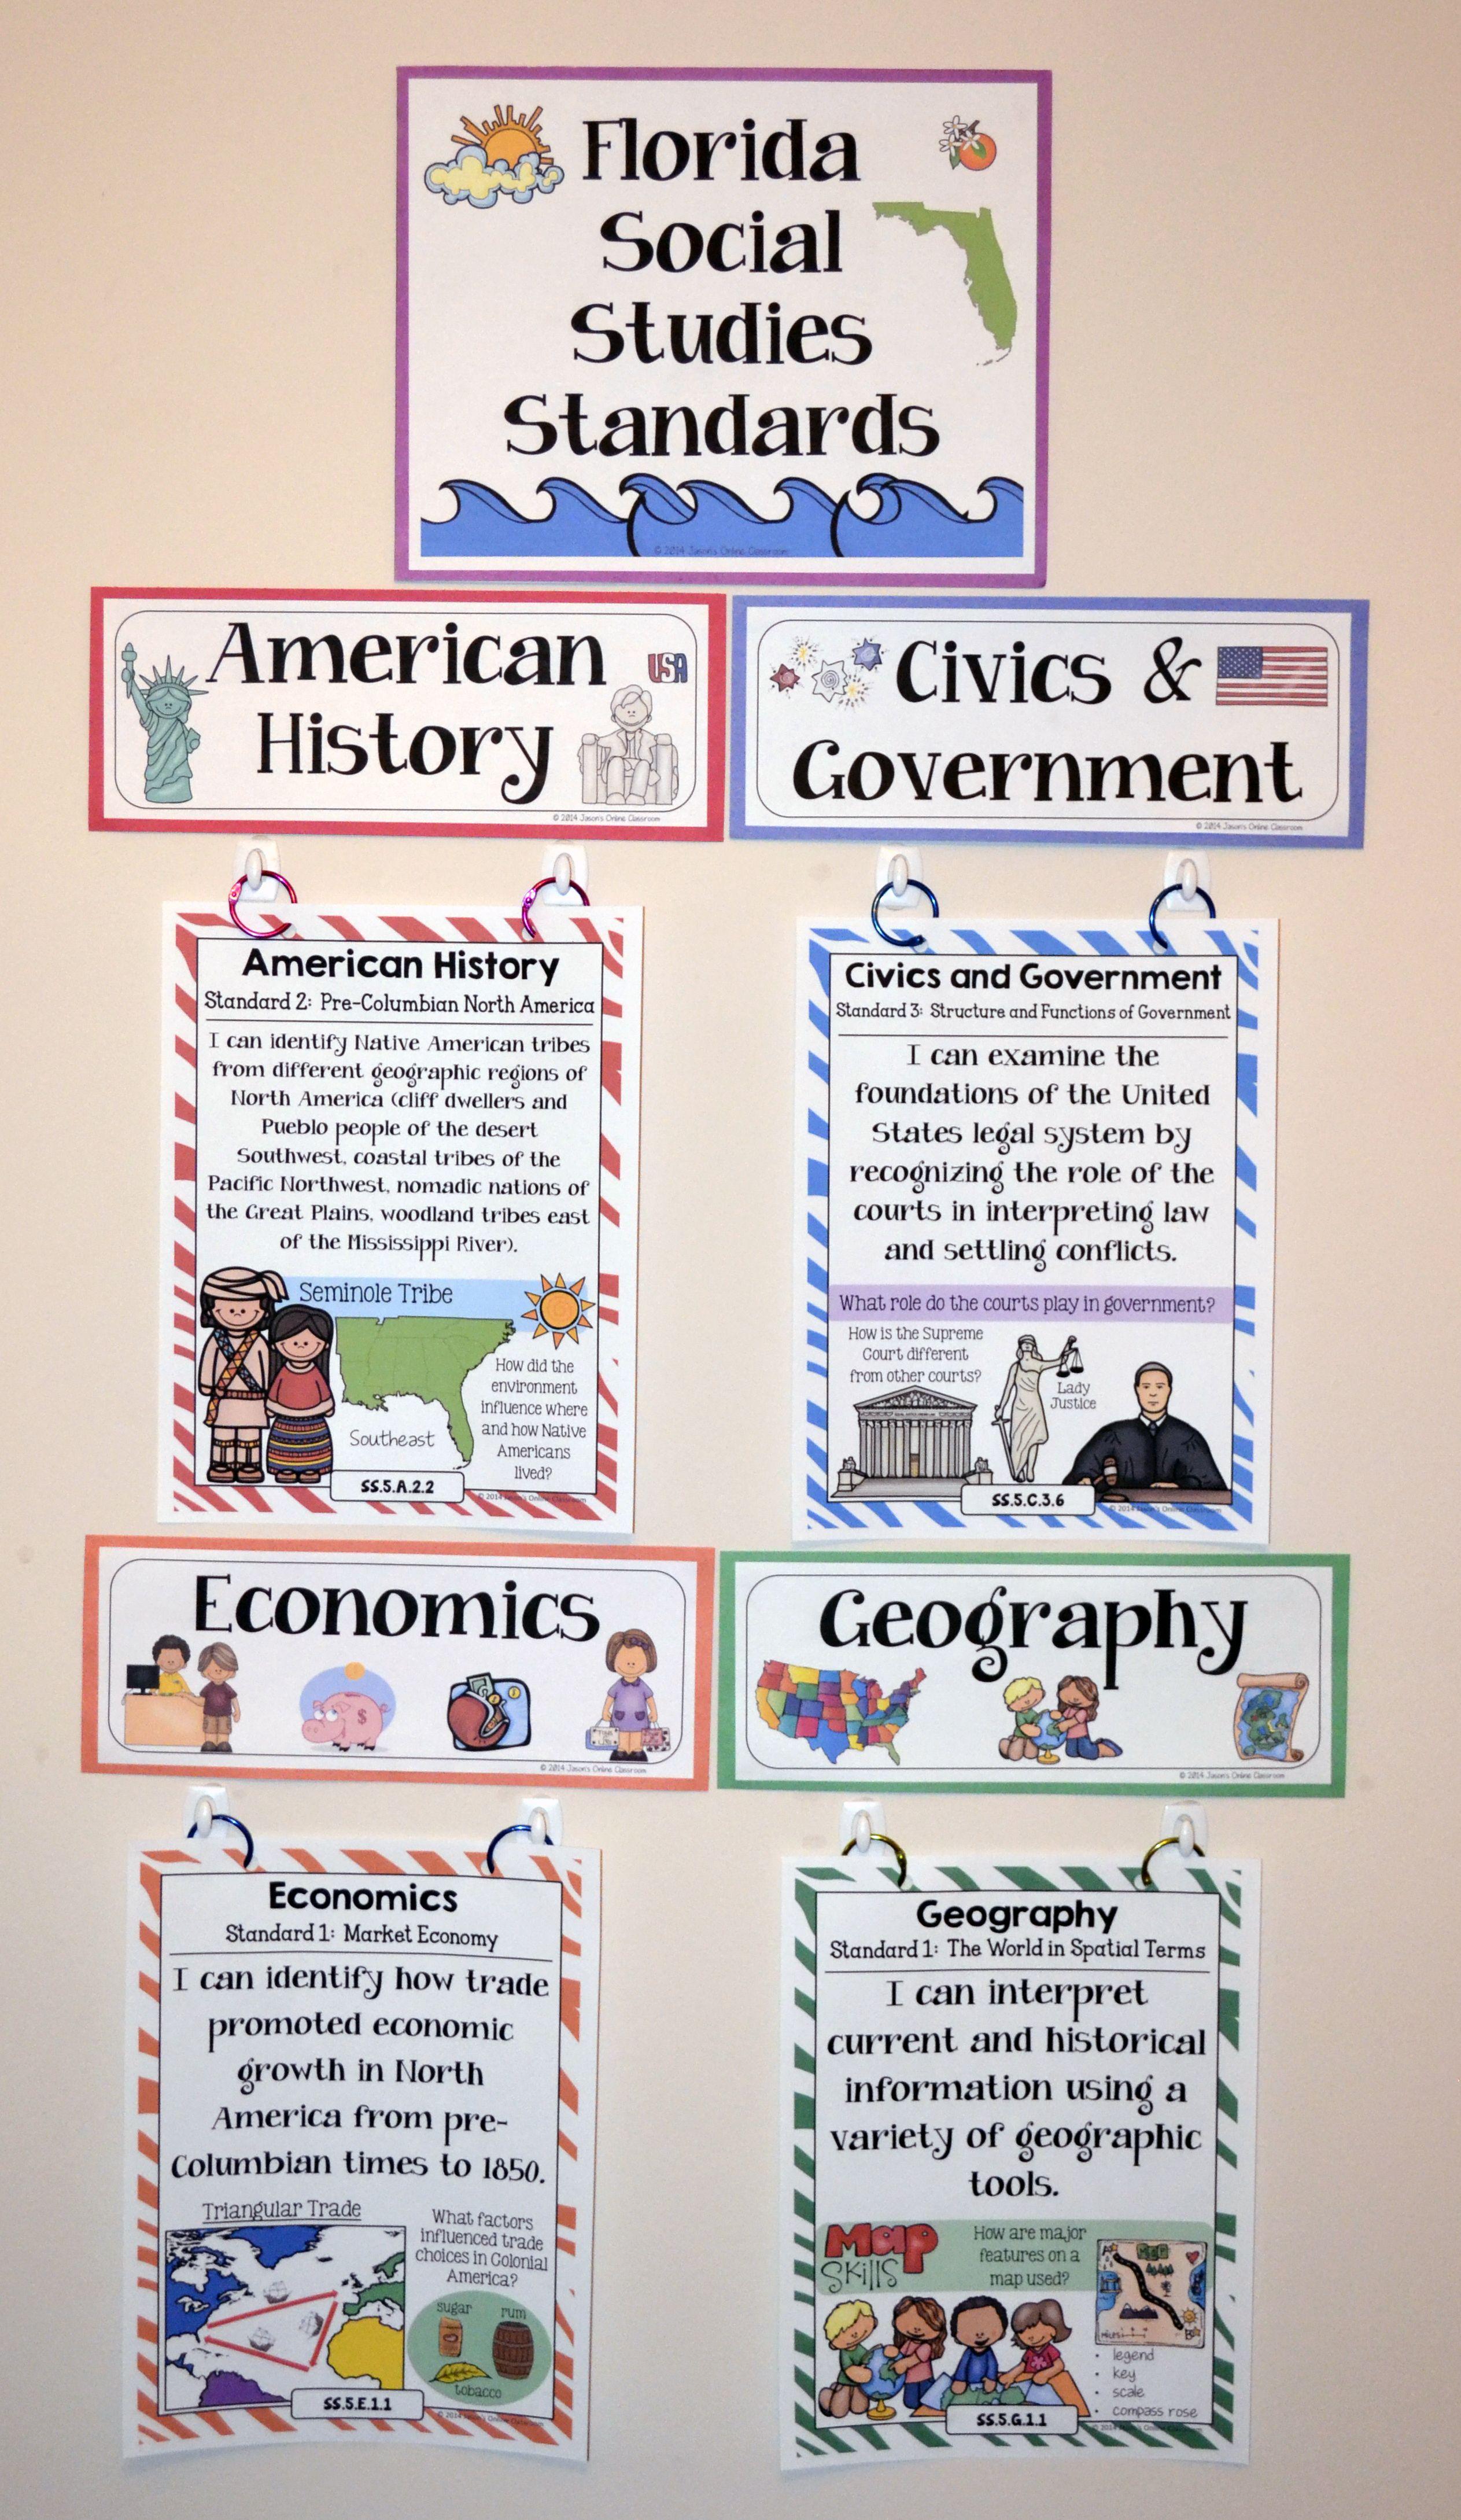 hight resolution of Florida Social Studies Standards - 5th Grade   Social studies